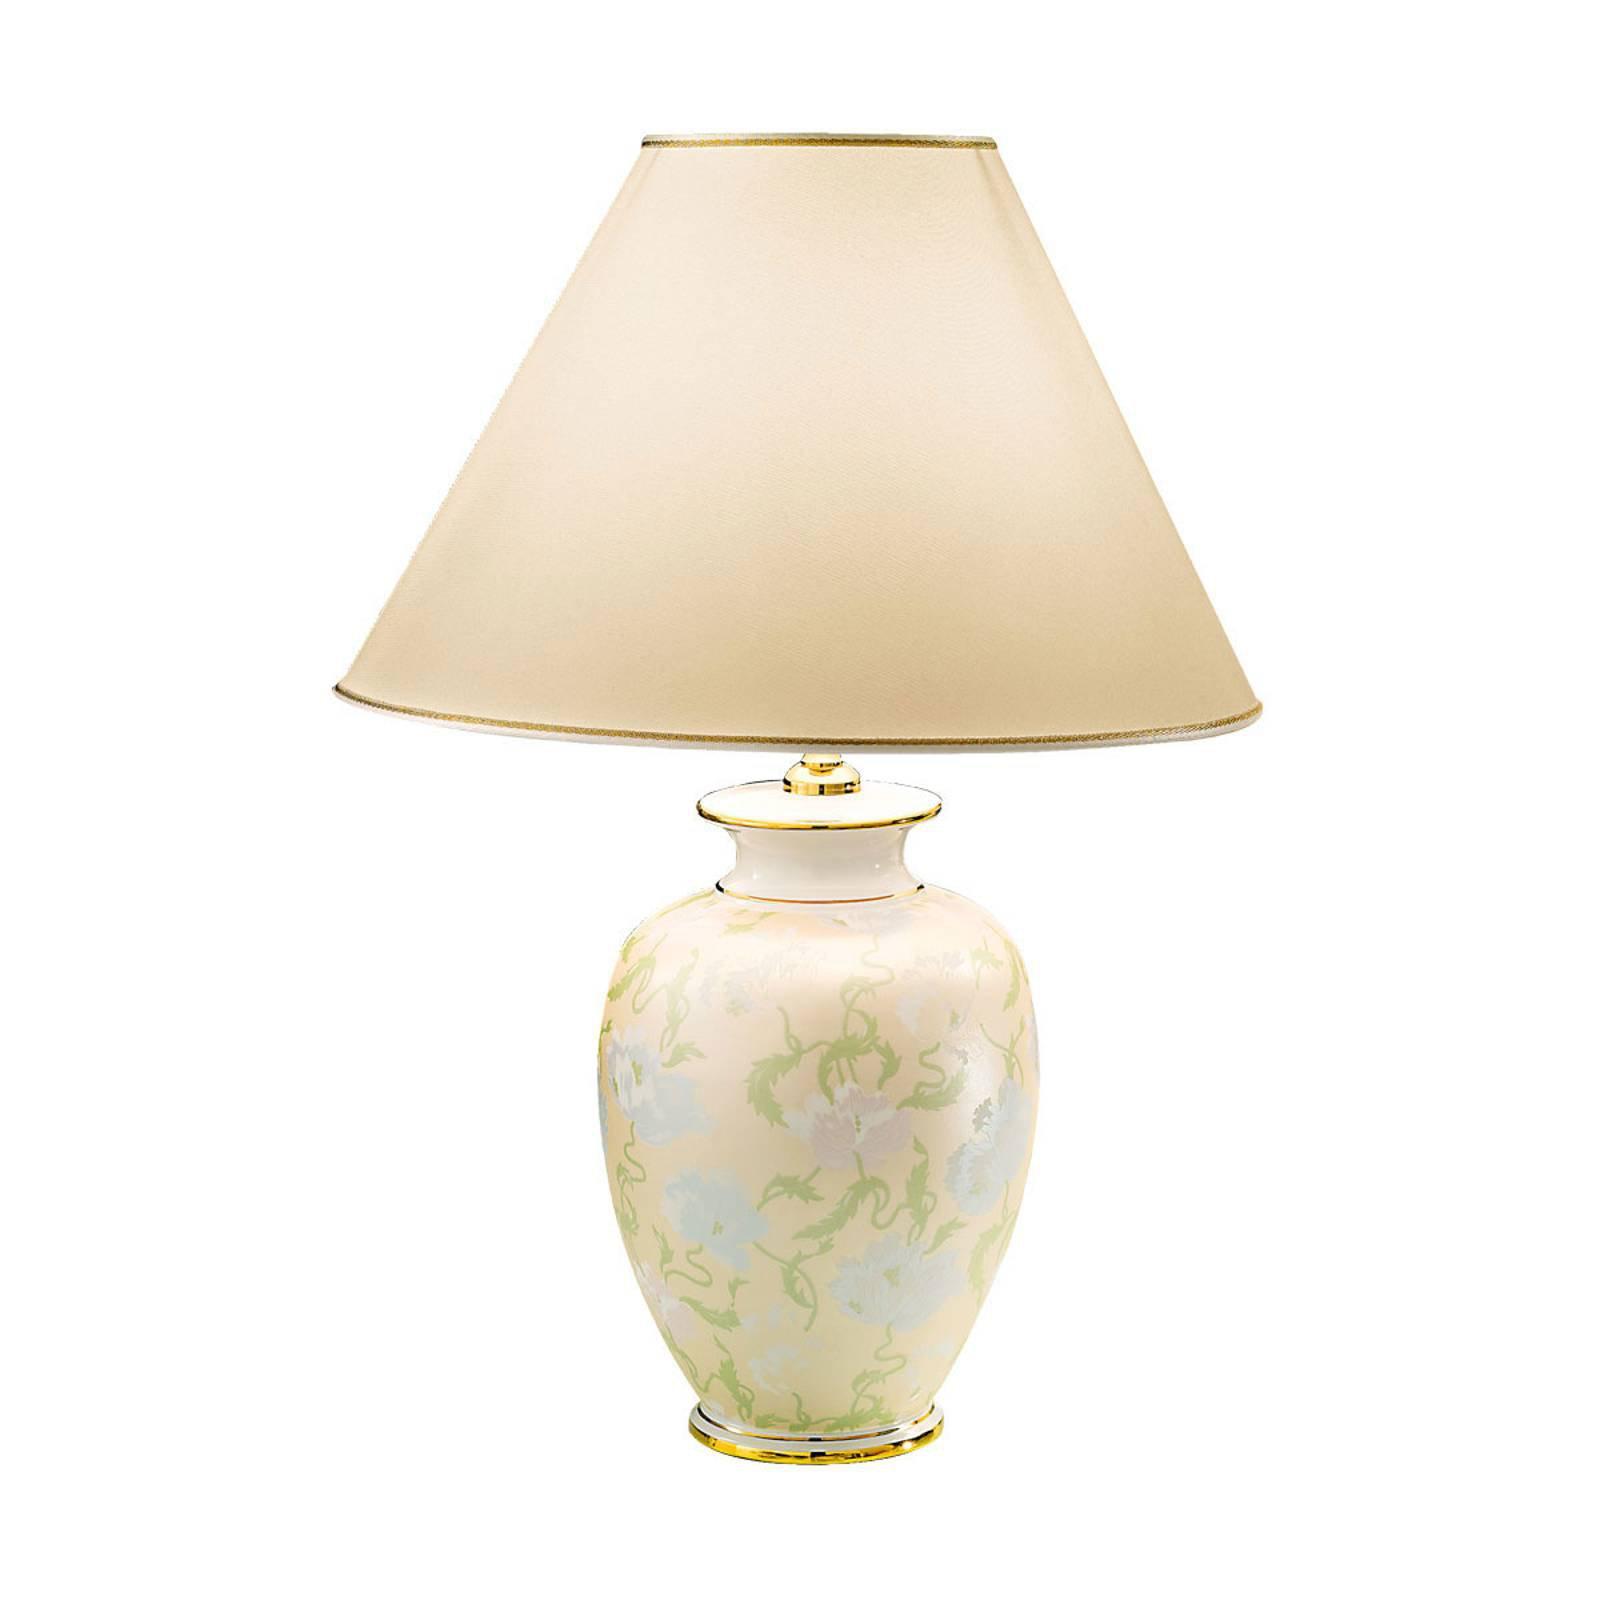 Bordlampe Giardino Perla, håndmalt, Ø 30 cm